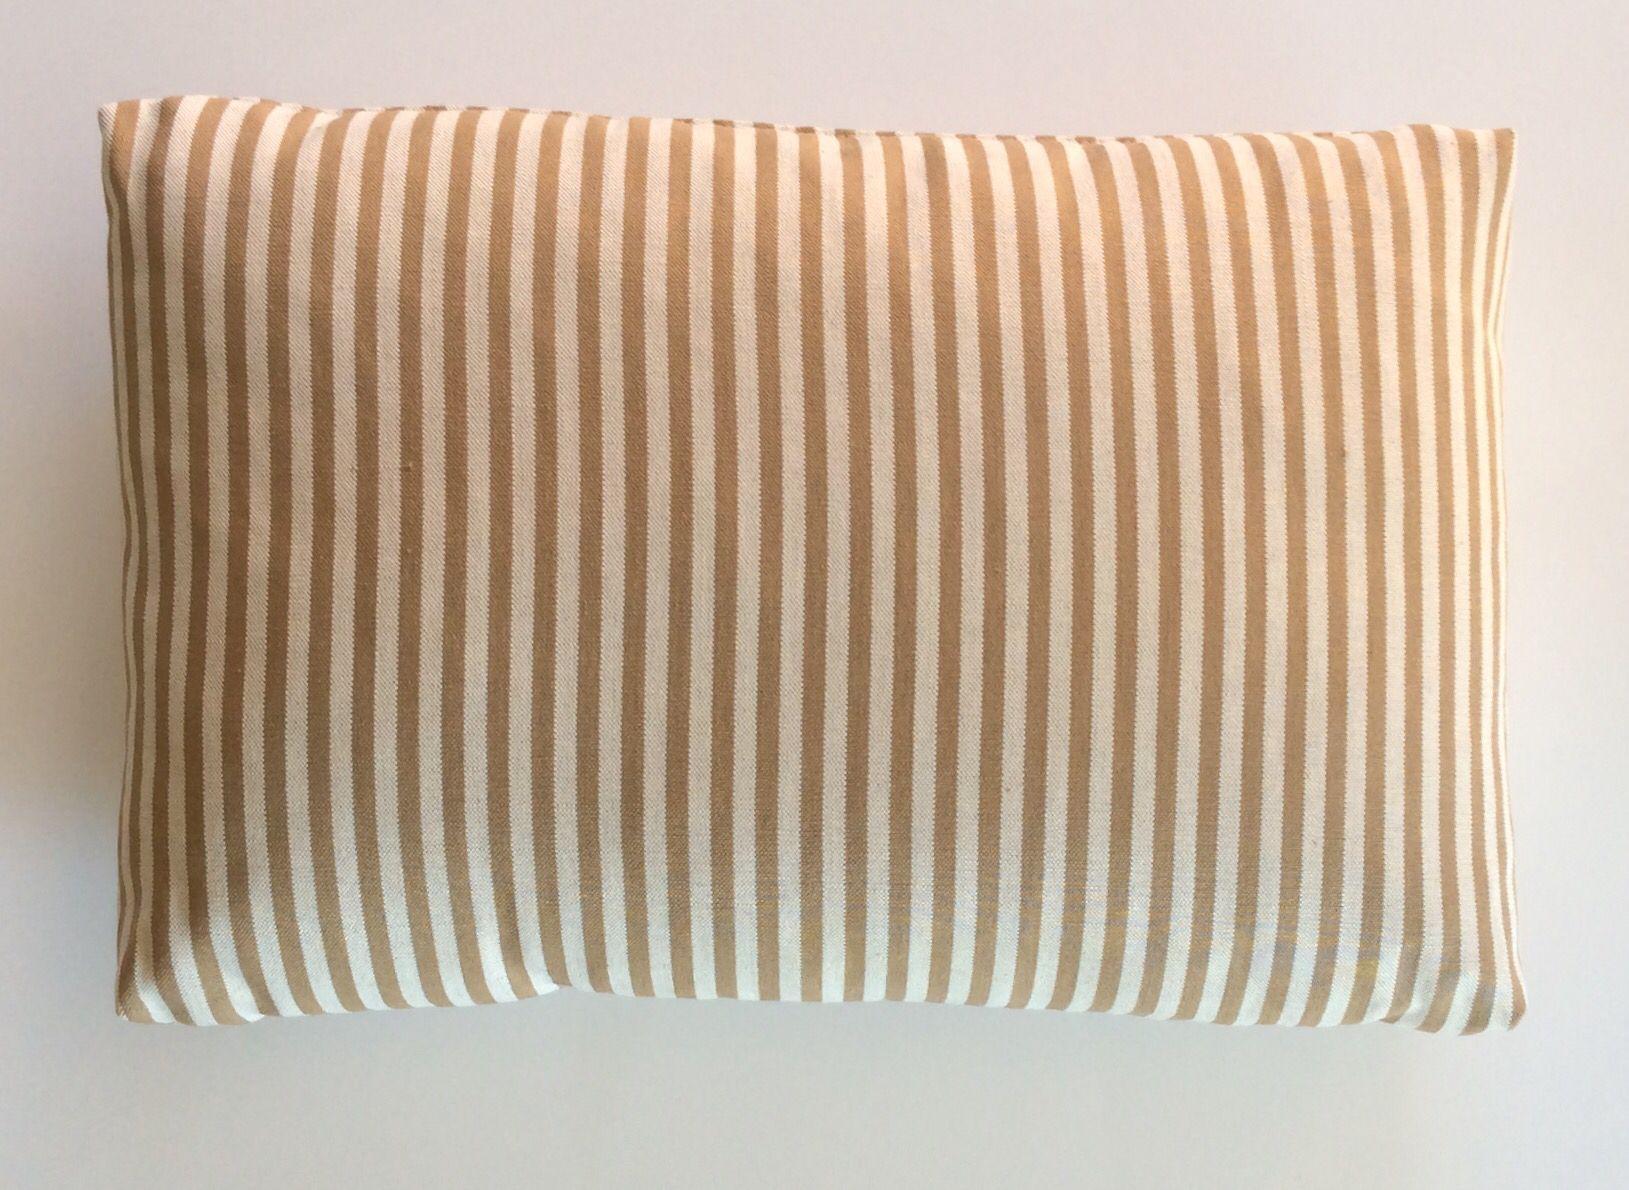 Cuscini Righe.Cuscino Con Rivestimento In Lino Colore Bianco Con Righe Tortora